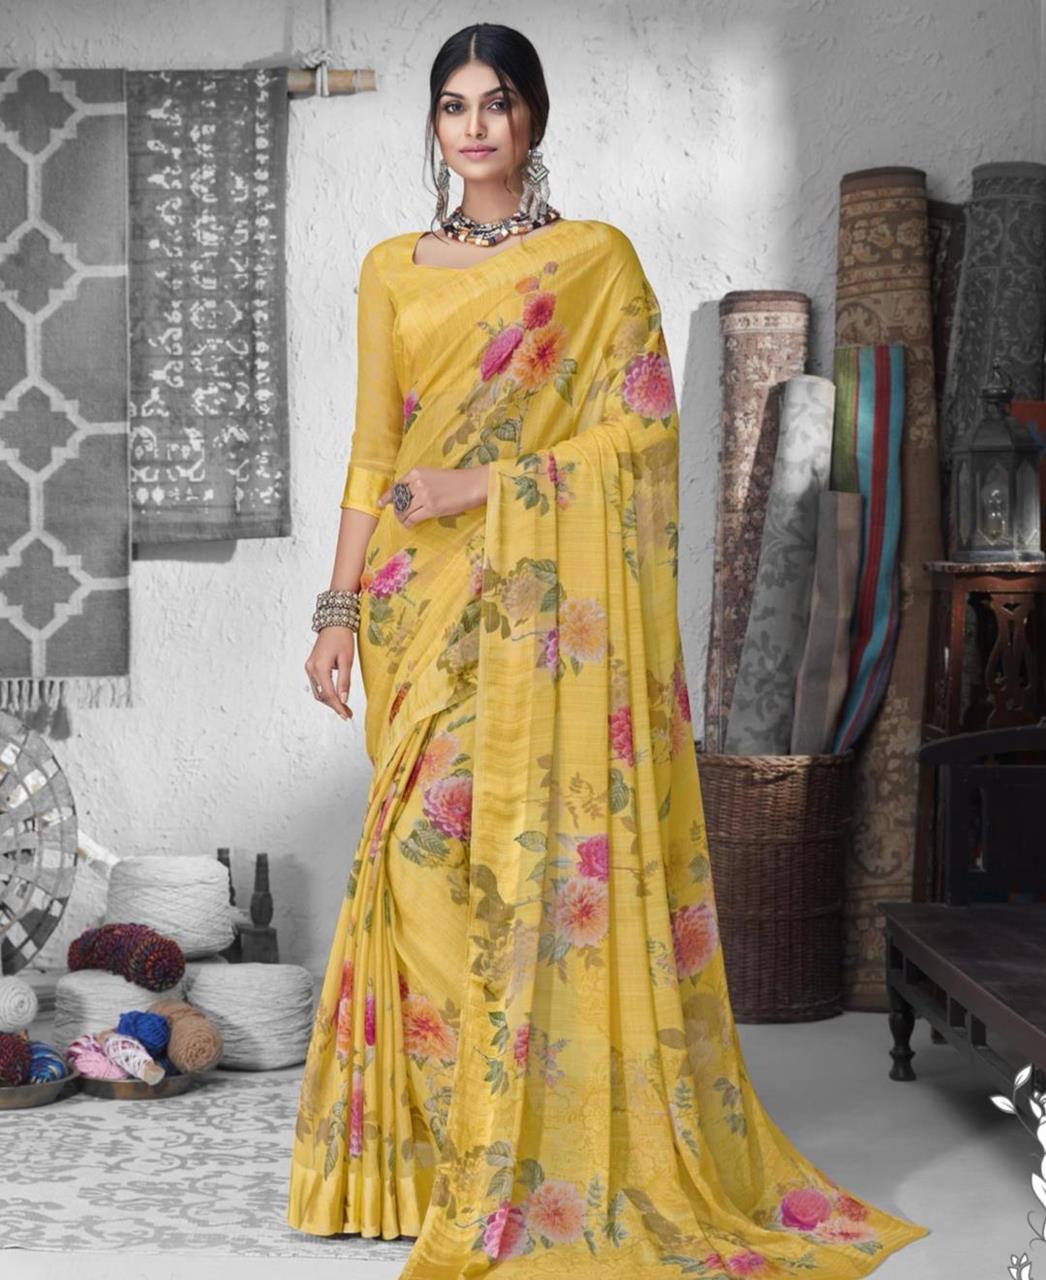 Printed Chiffon Saree in Yellow